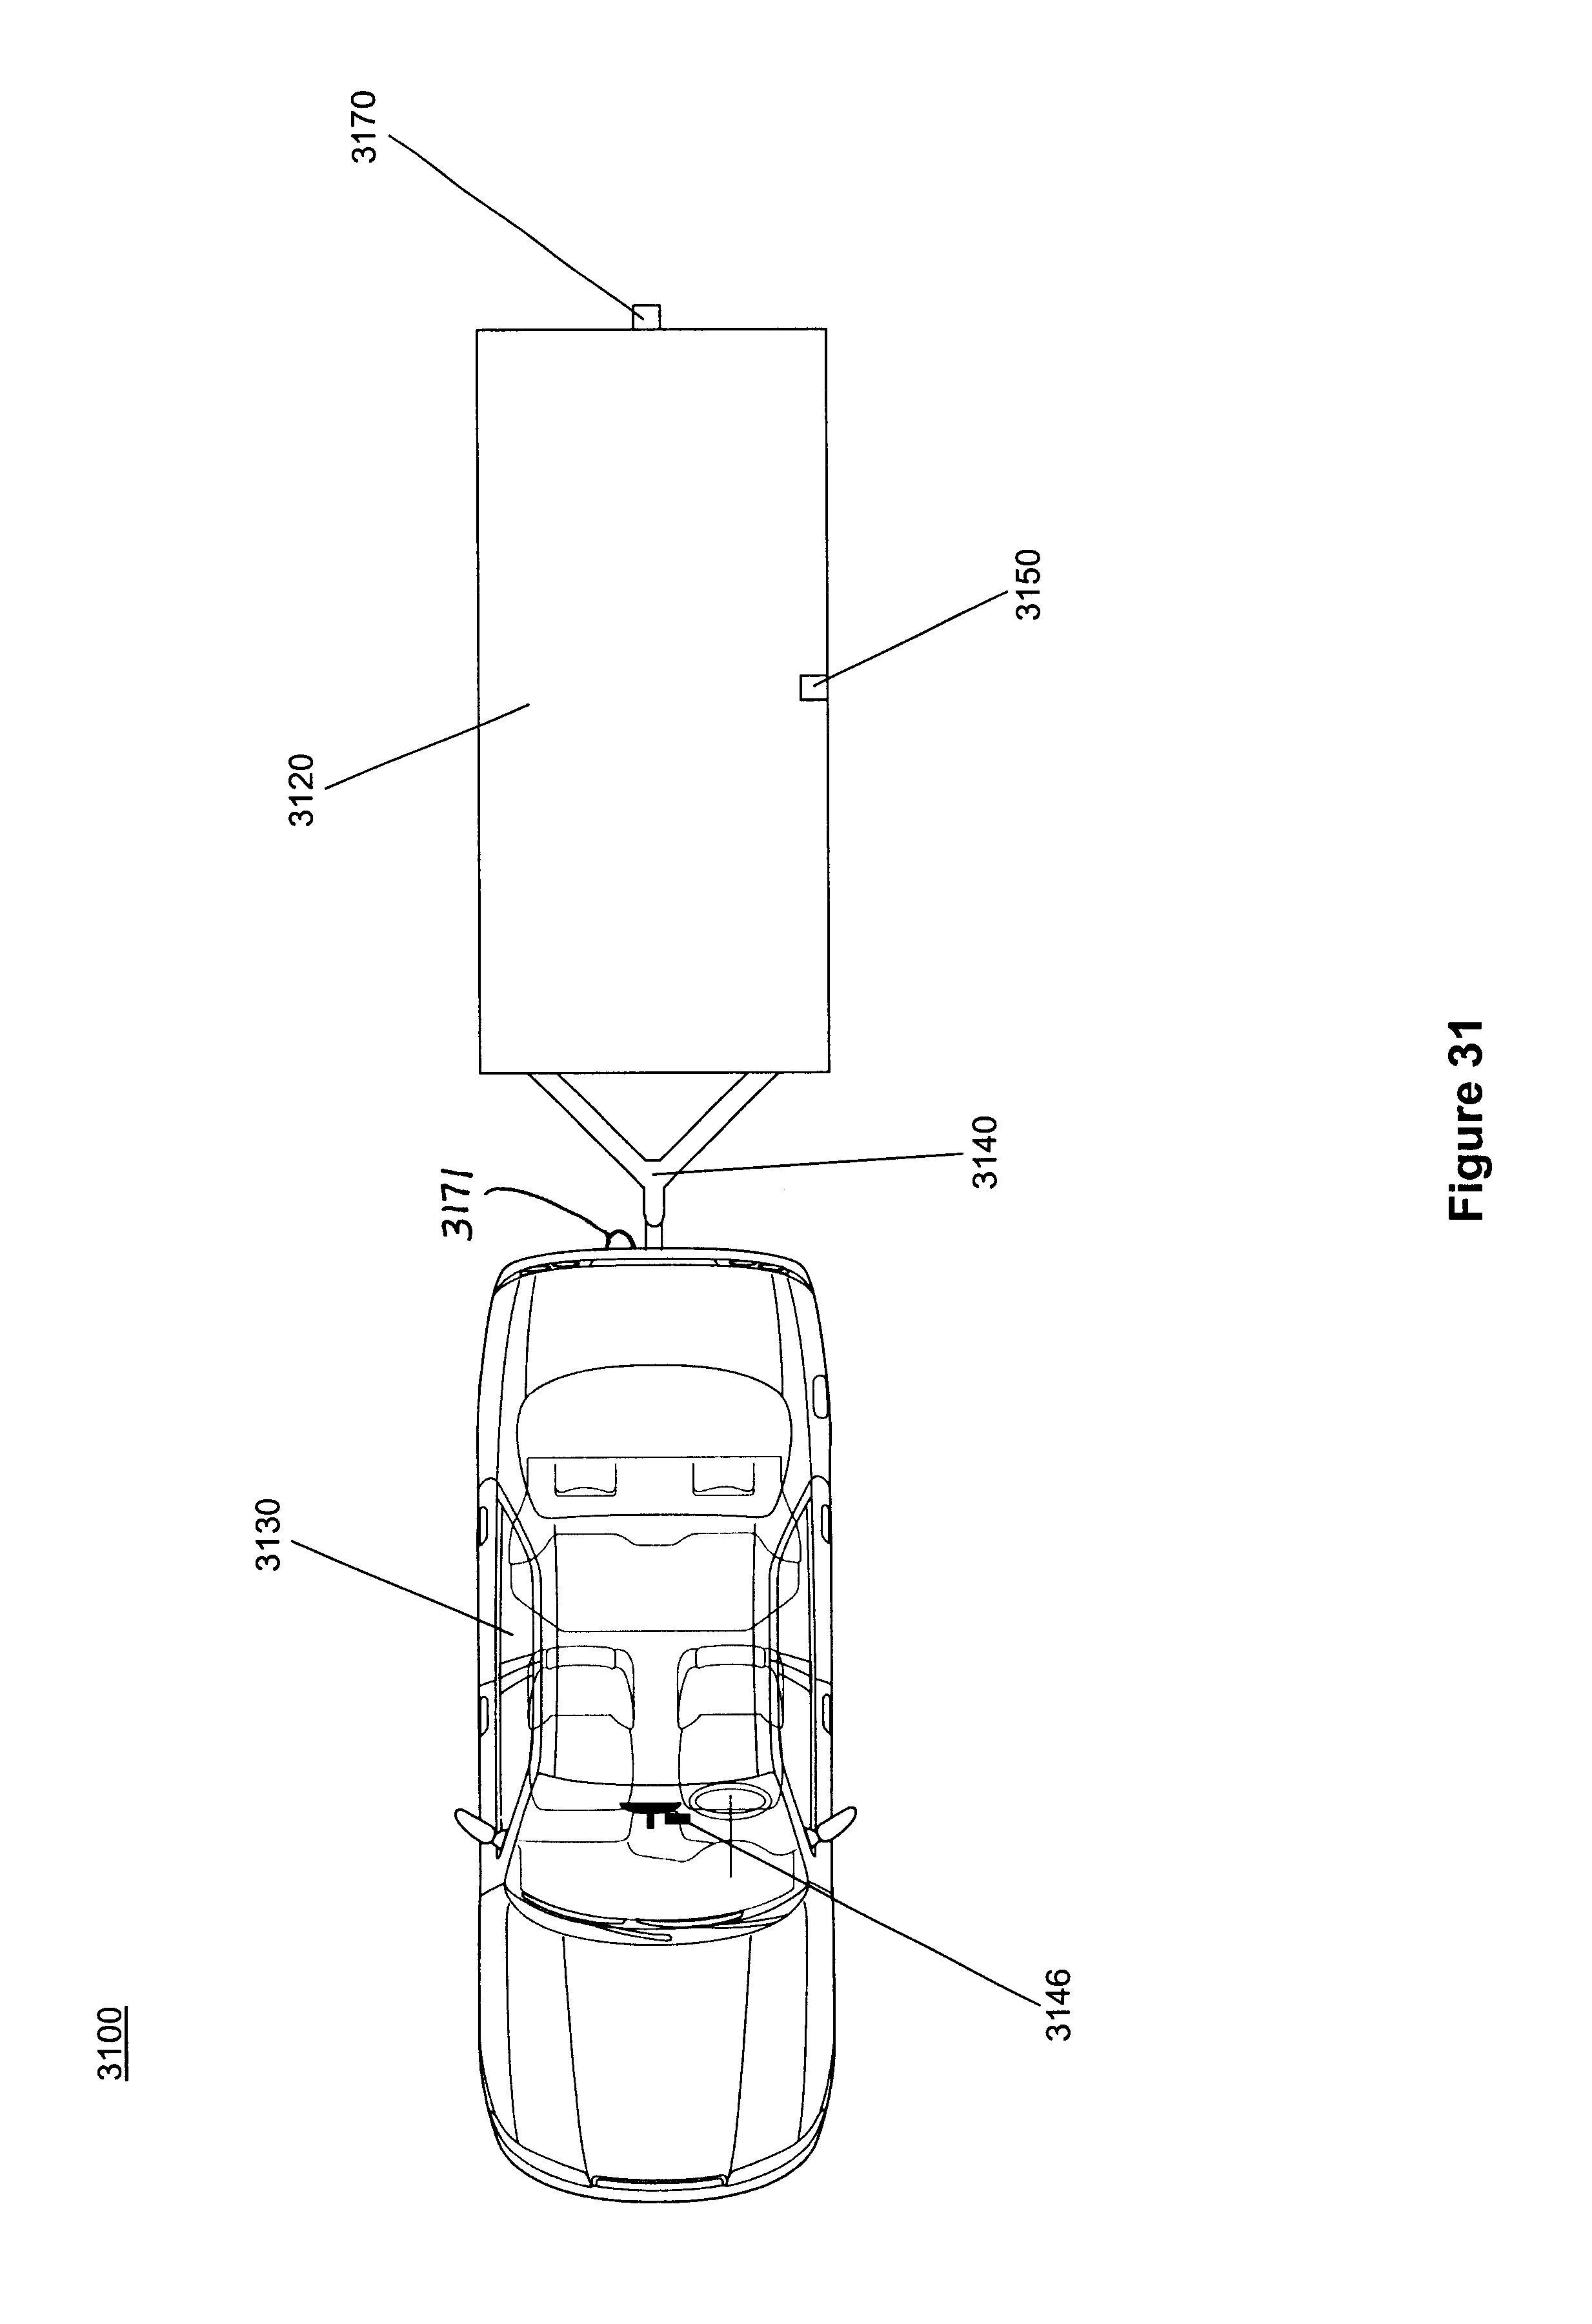 Patent Us 6690268 B2 Opticalpickuptachometer Schematic Images